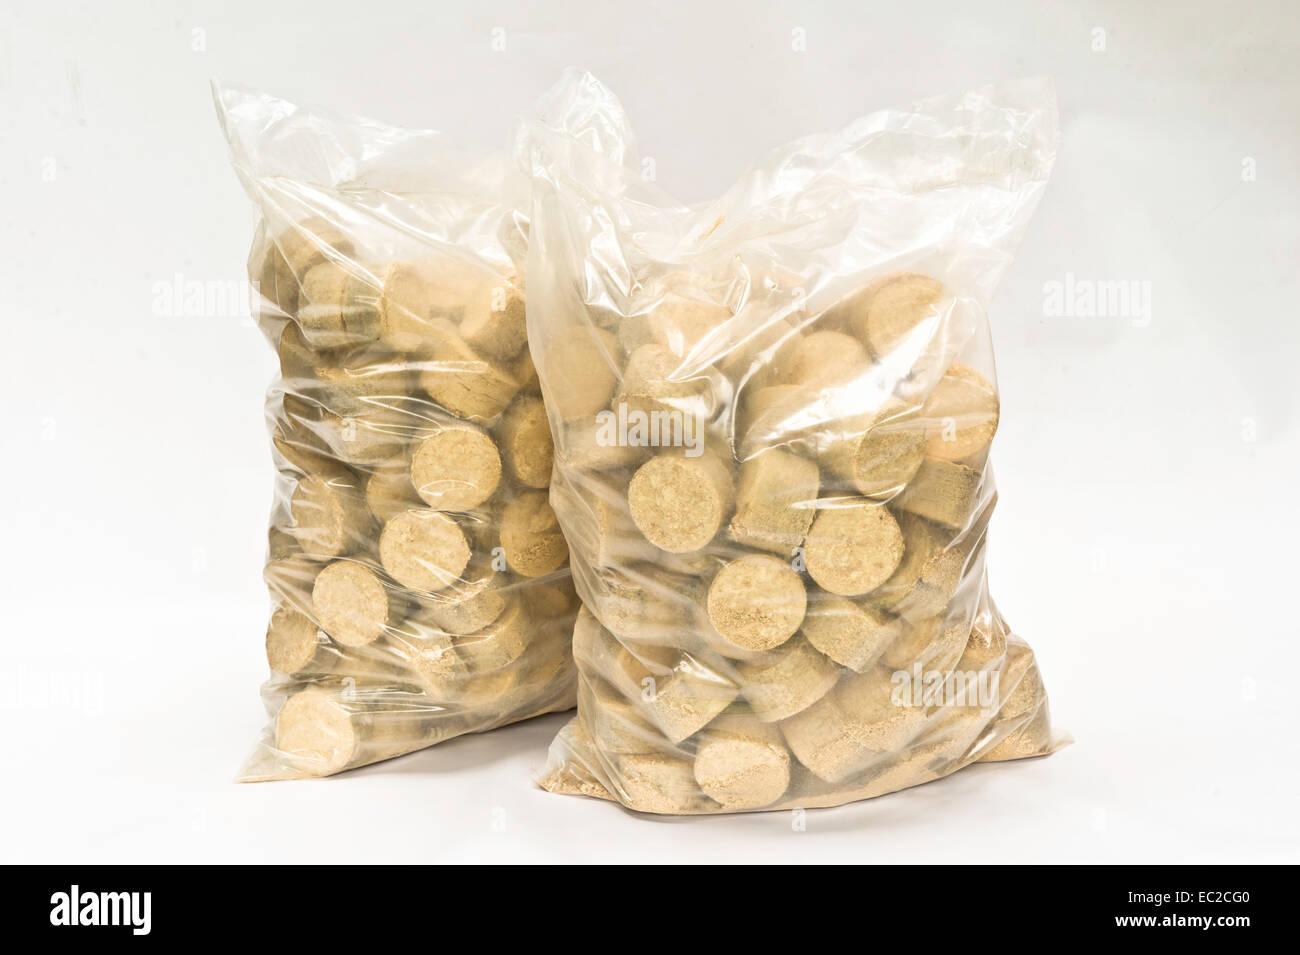 Briquettes bois Photo Stock